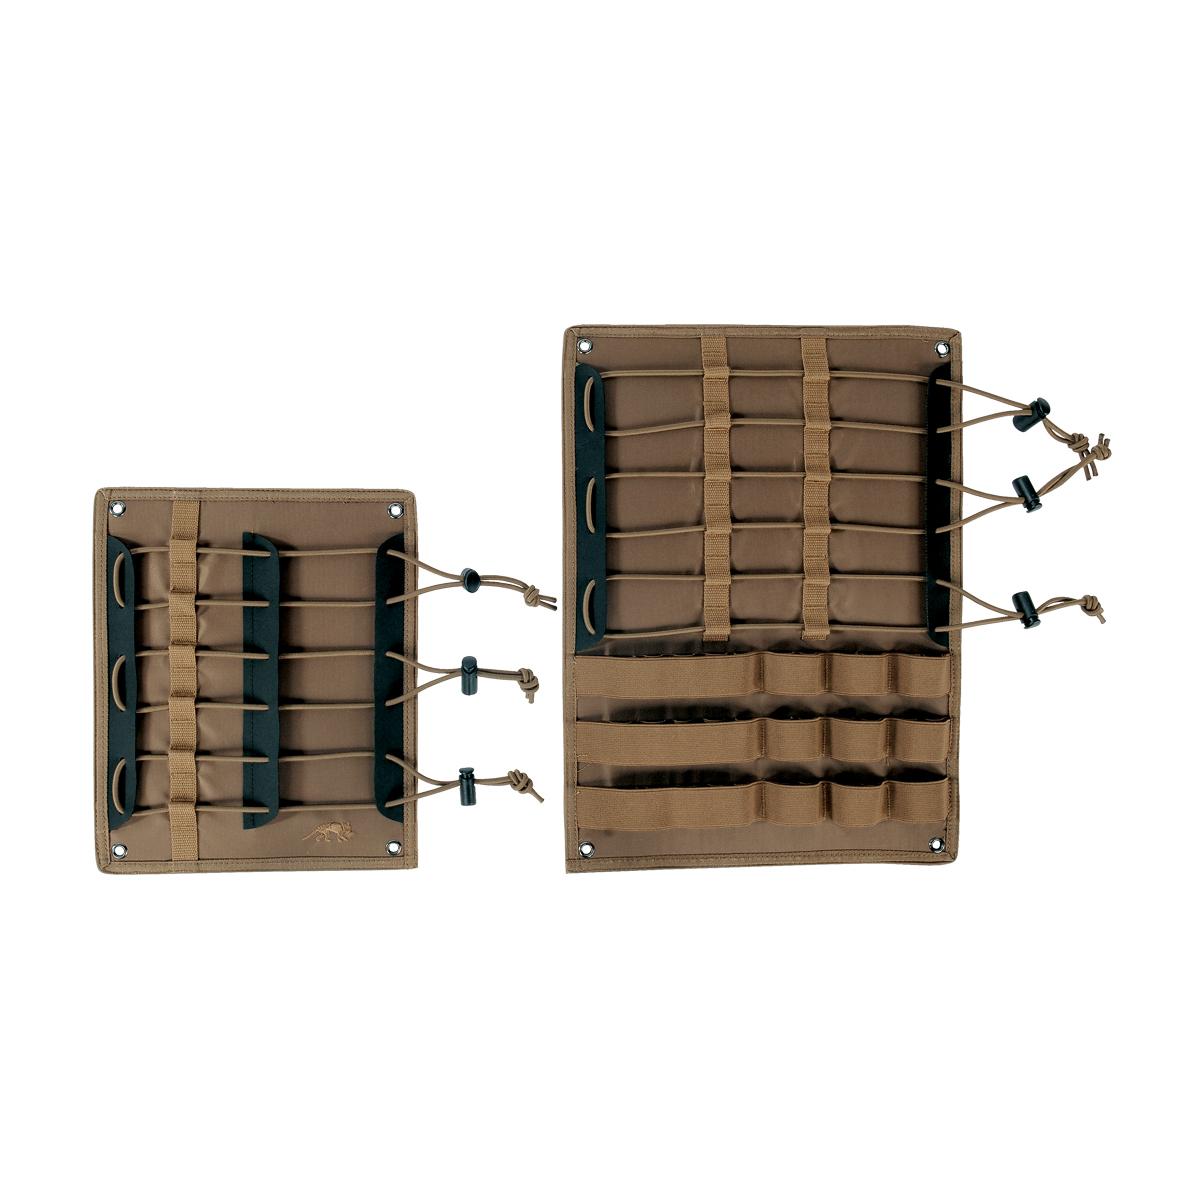 Медицинские панели на велкро, набор TT MEDIC PANEL EL SET coyote brown, 7578.346, Подсумки - арт. 821390193